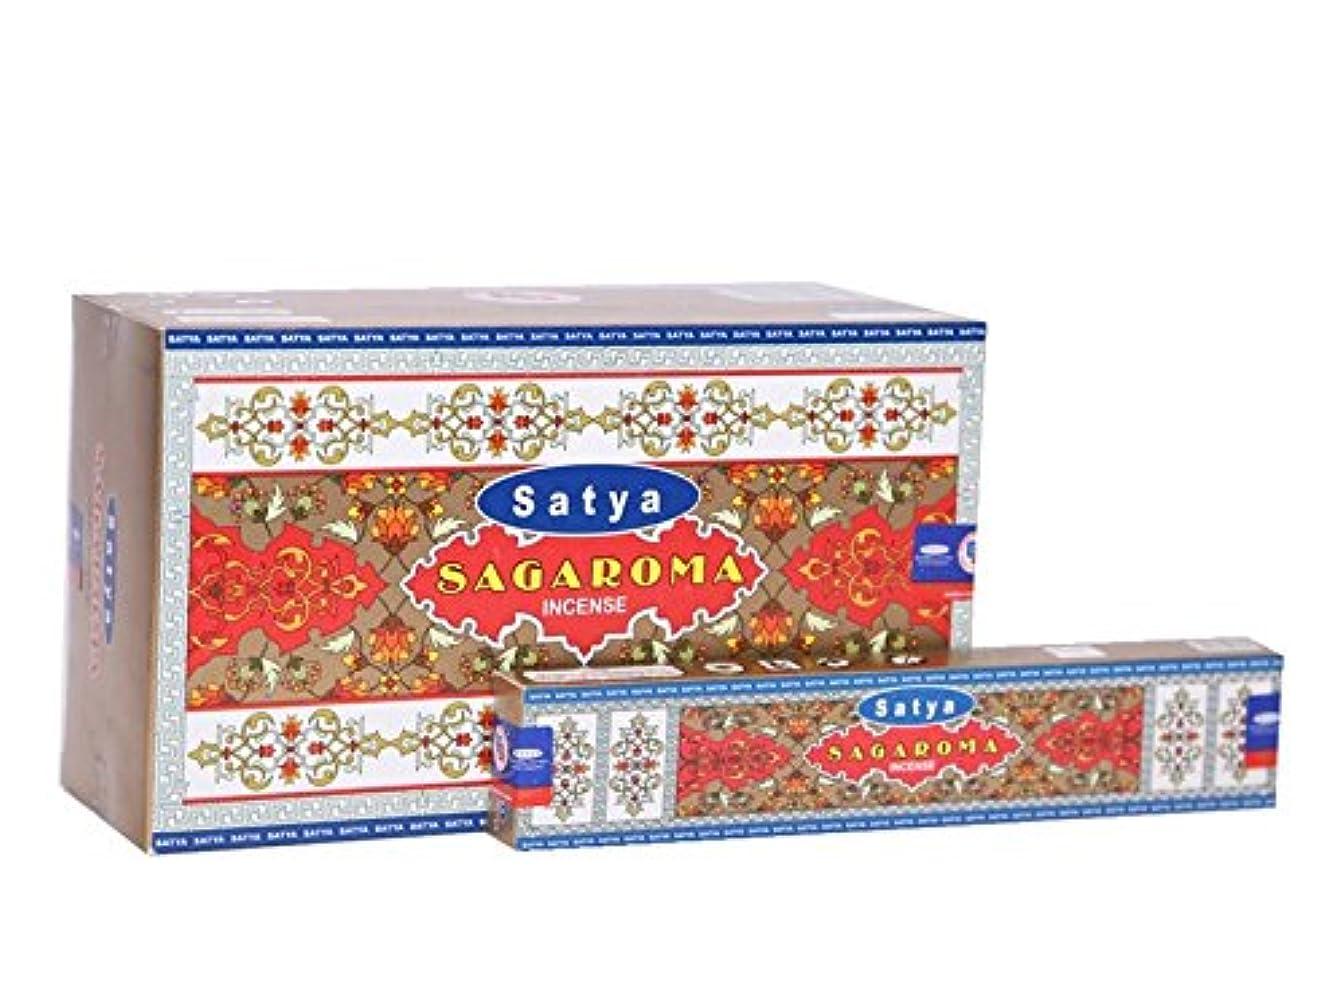 受け入れたマングル山積みのSatya sagaroma Incense Sticksボックス15グラムパック、12カウントin aボックス